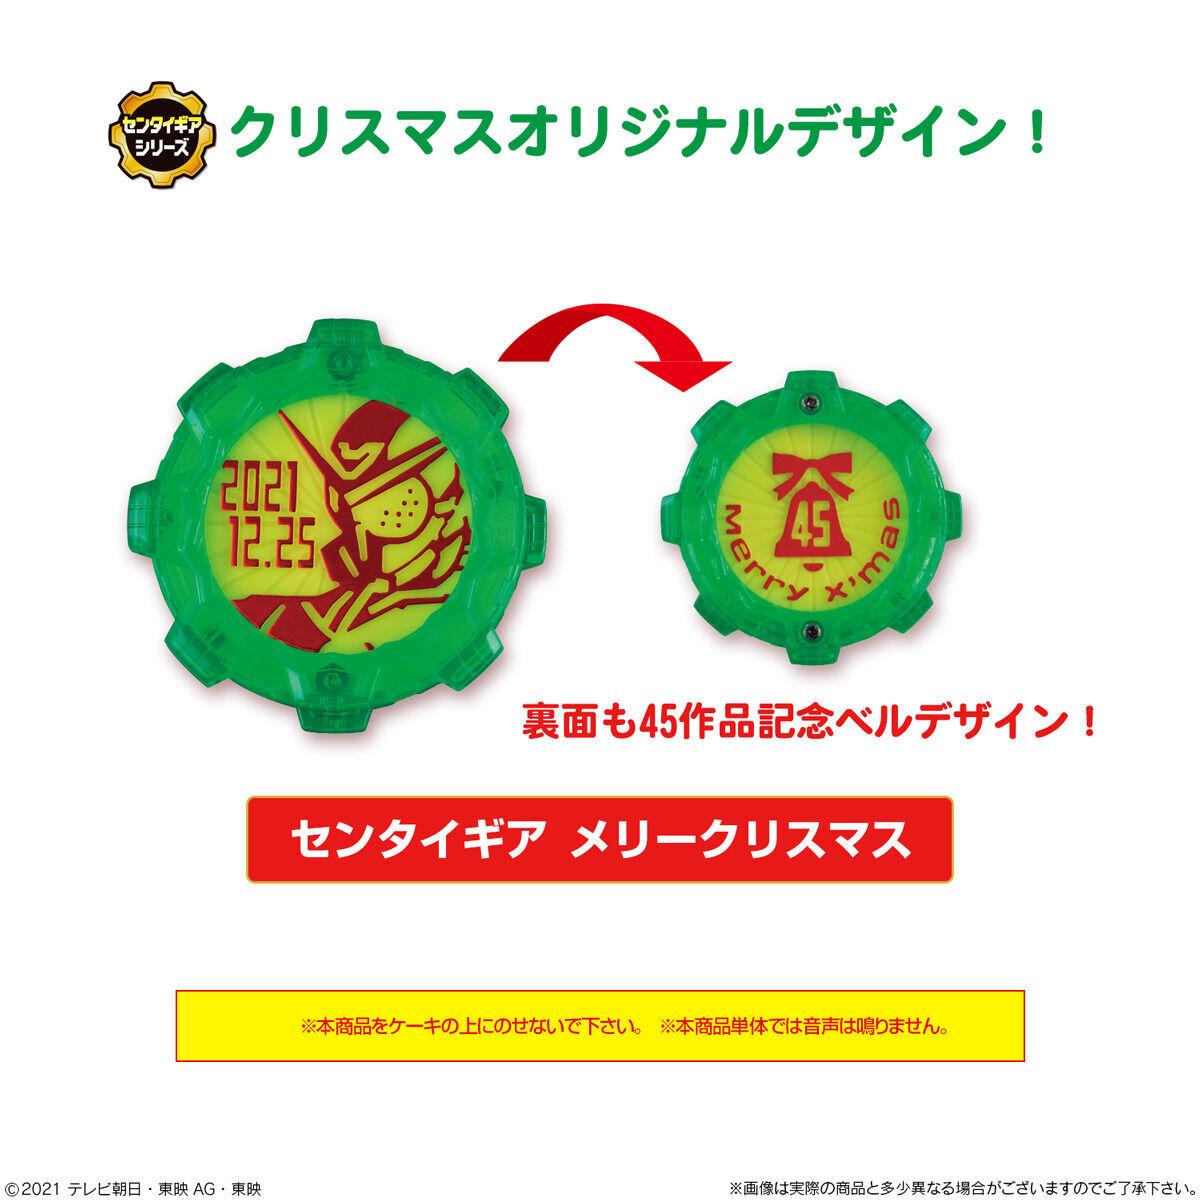 【特典あり】キャラデコクリスマス 機界戦隊ゼンカイジャー(チョコクリーム)(5号サイズ)_1